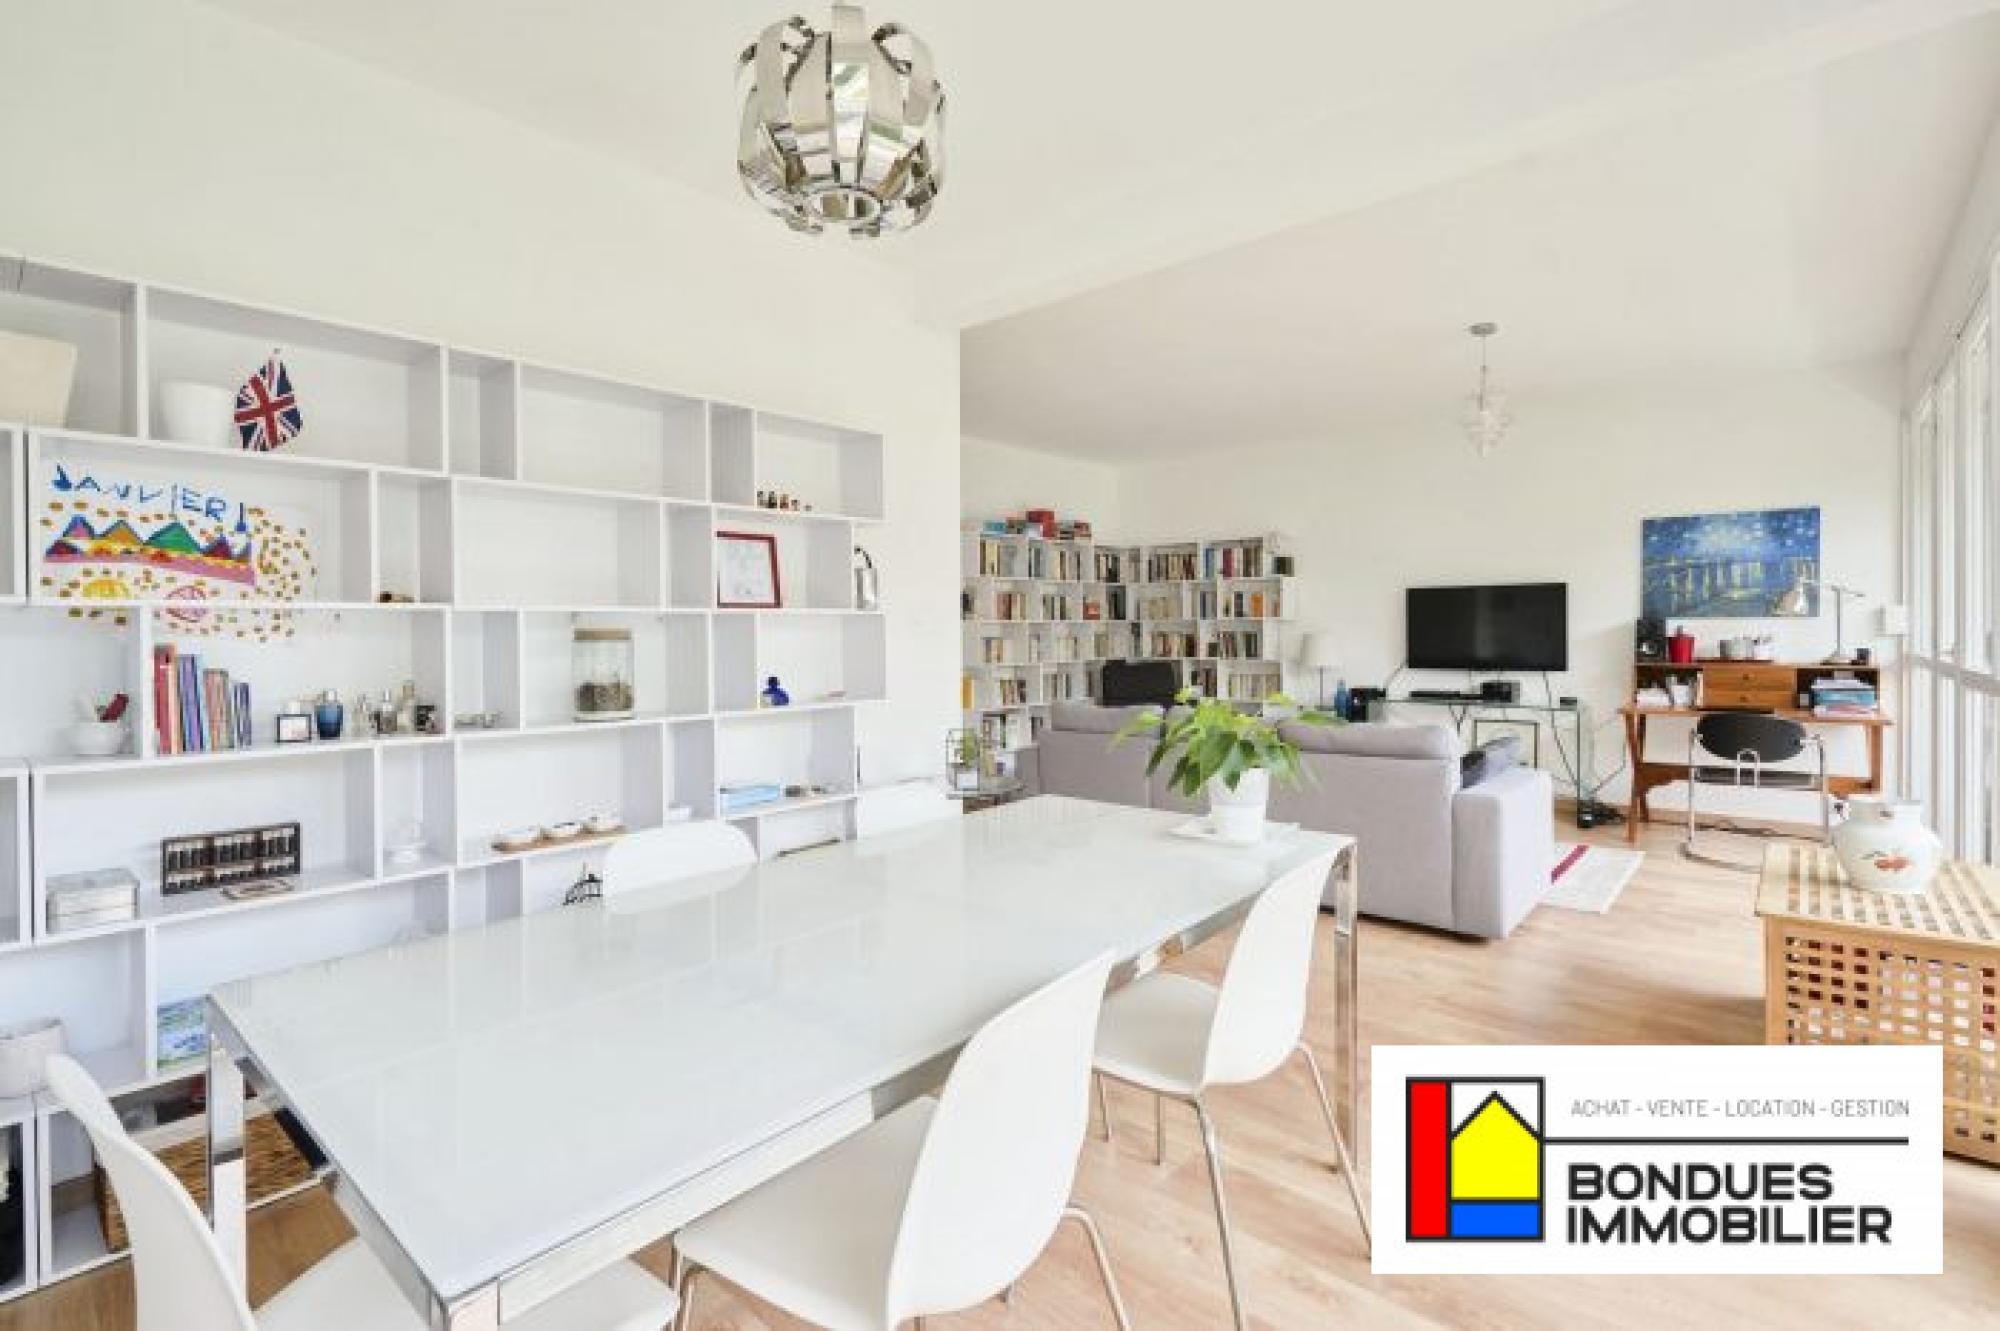 vente appartement marcq en barœul refVA2138 (6)